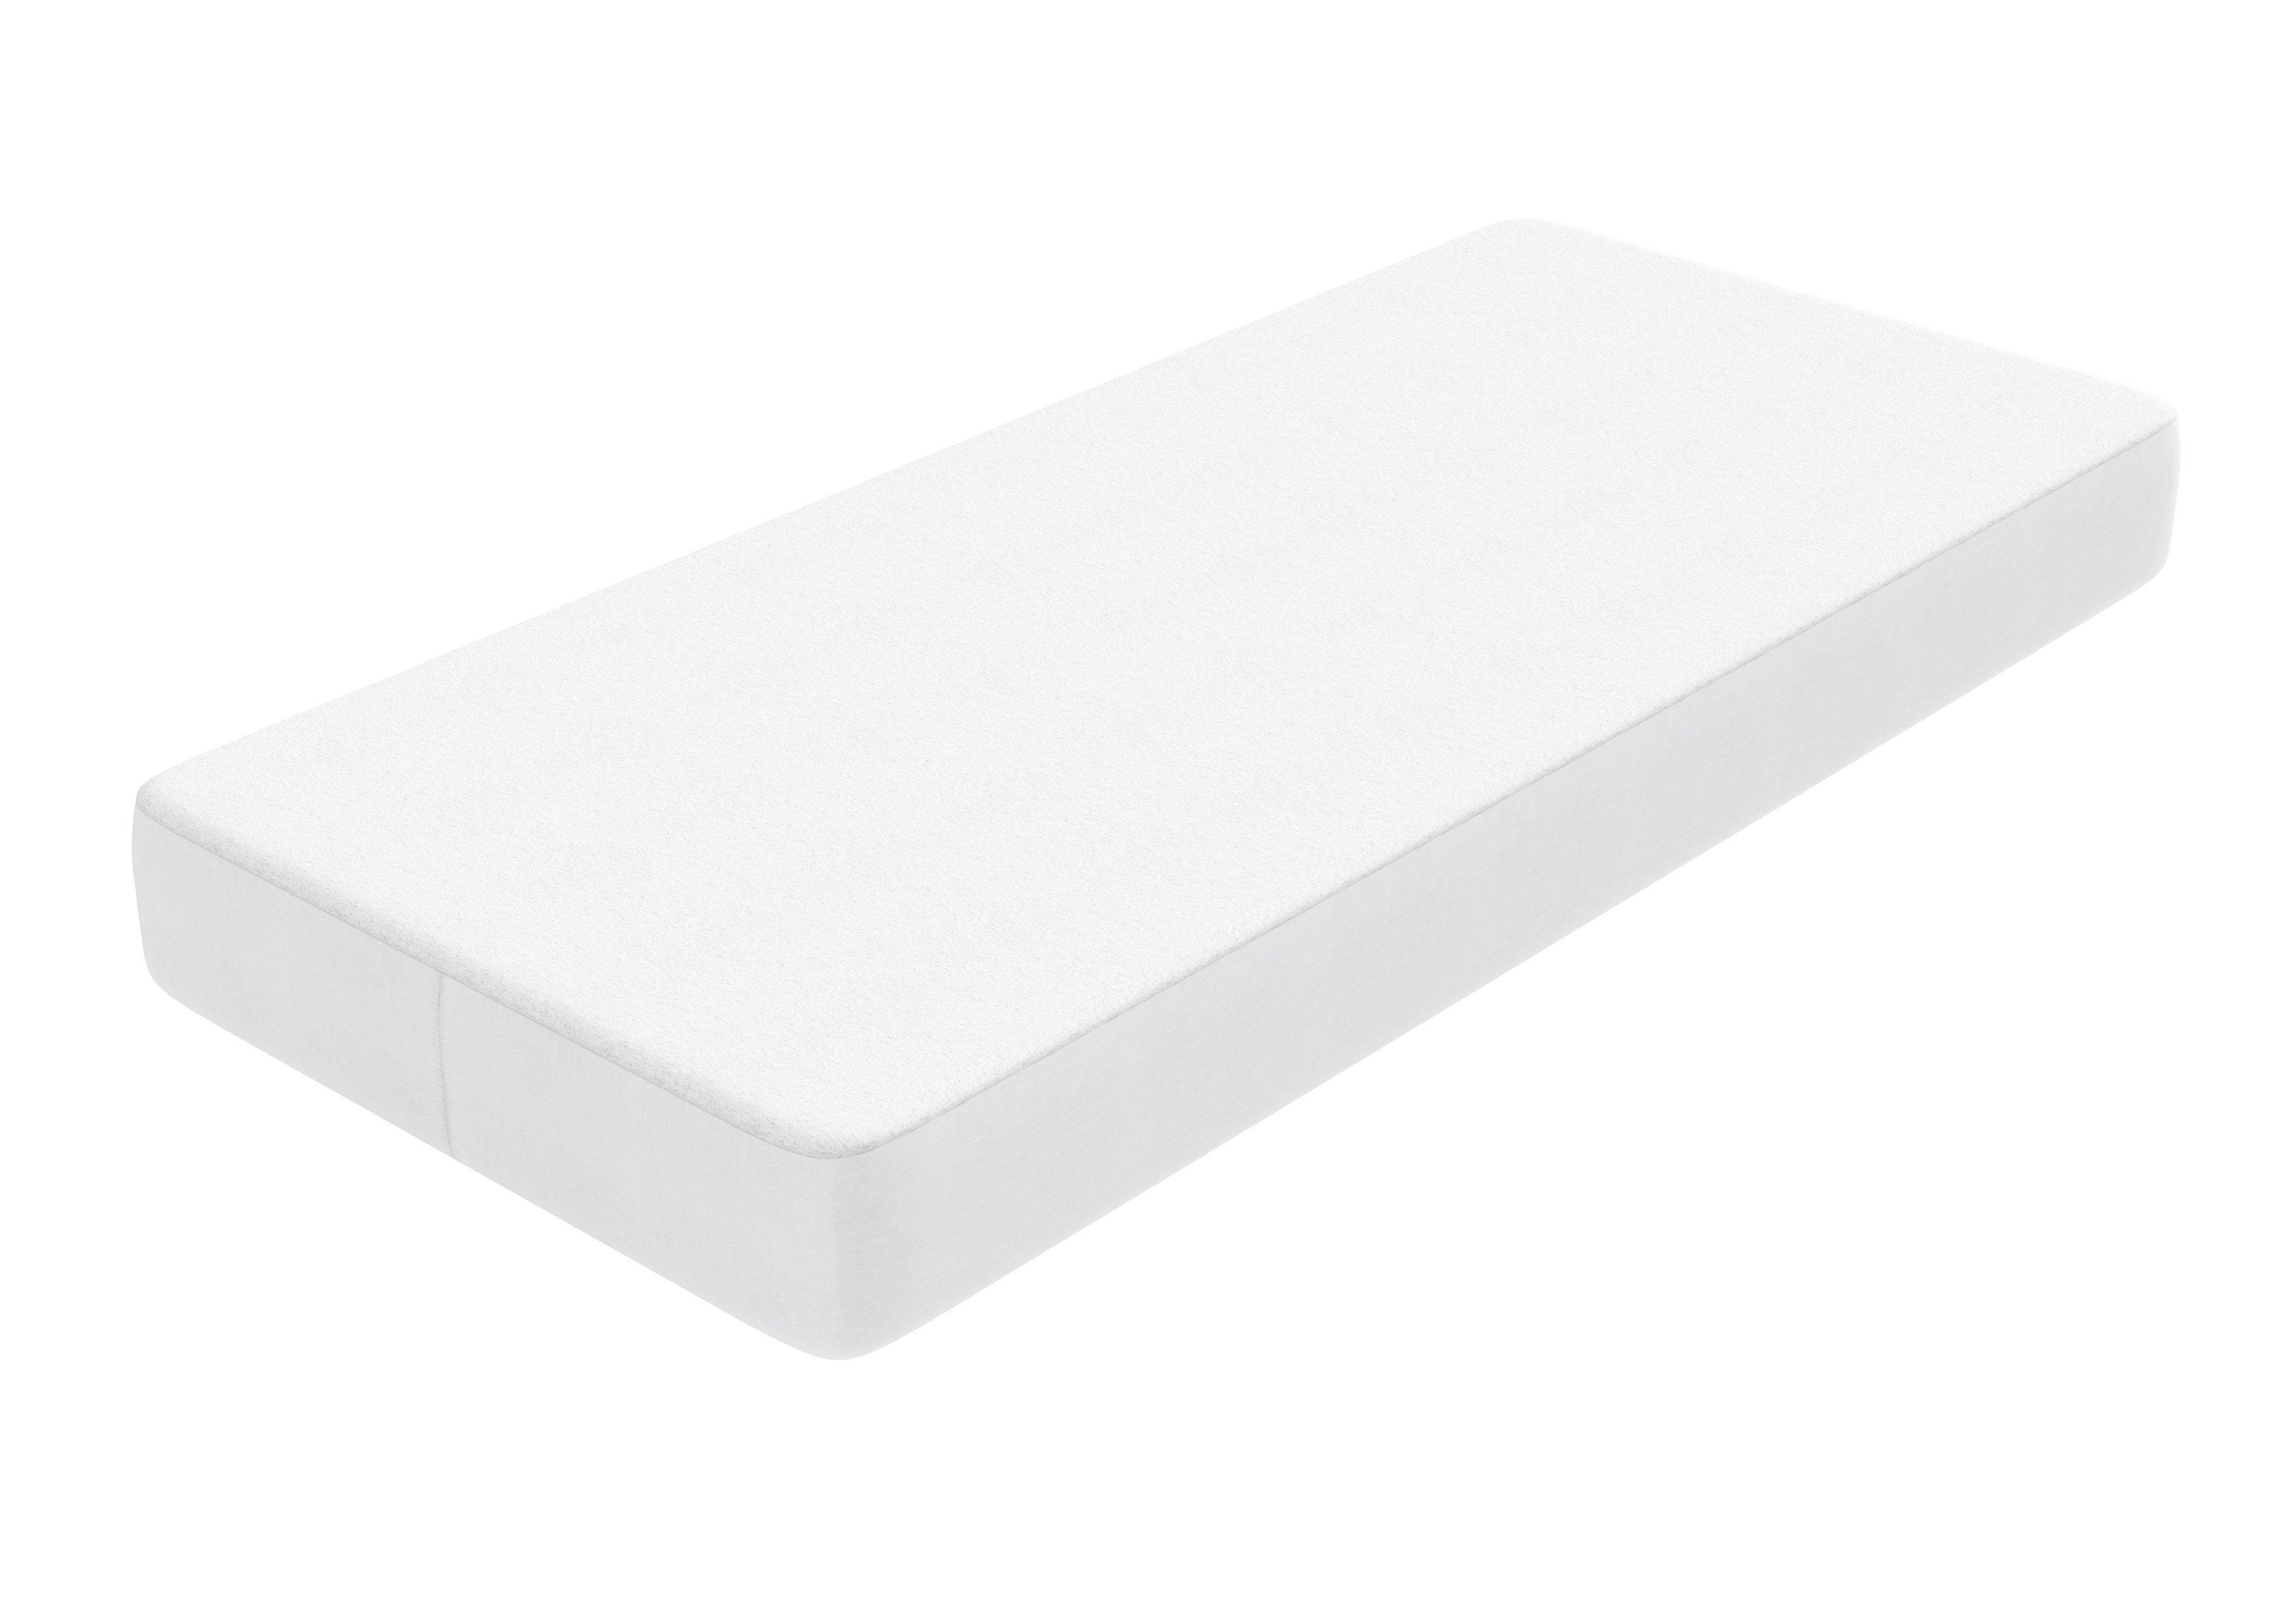 Защитный чехол Орматек Aqua Save Light S 800*2000